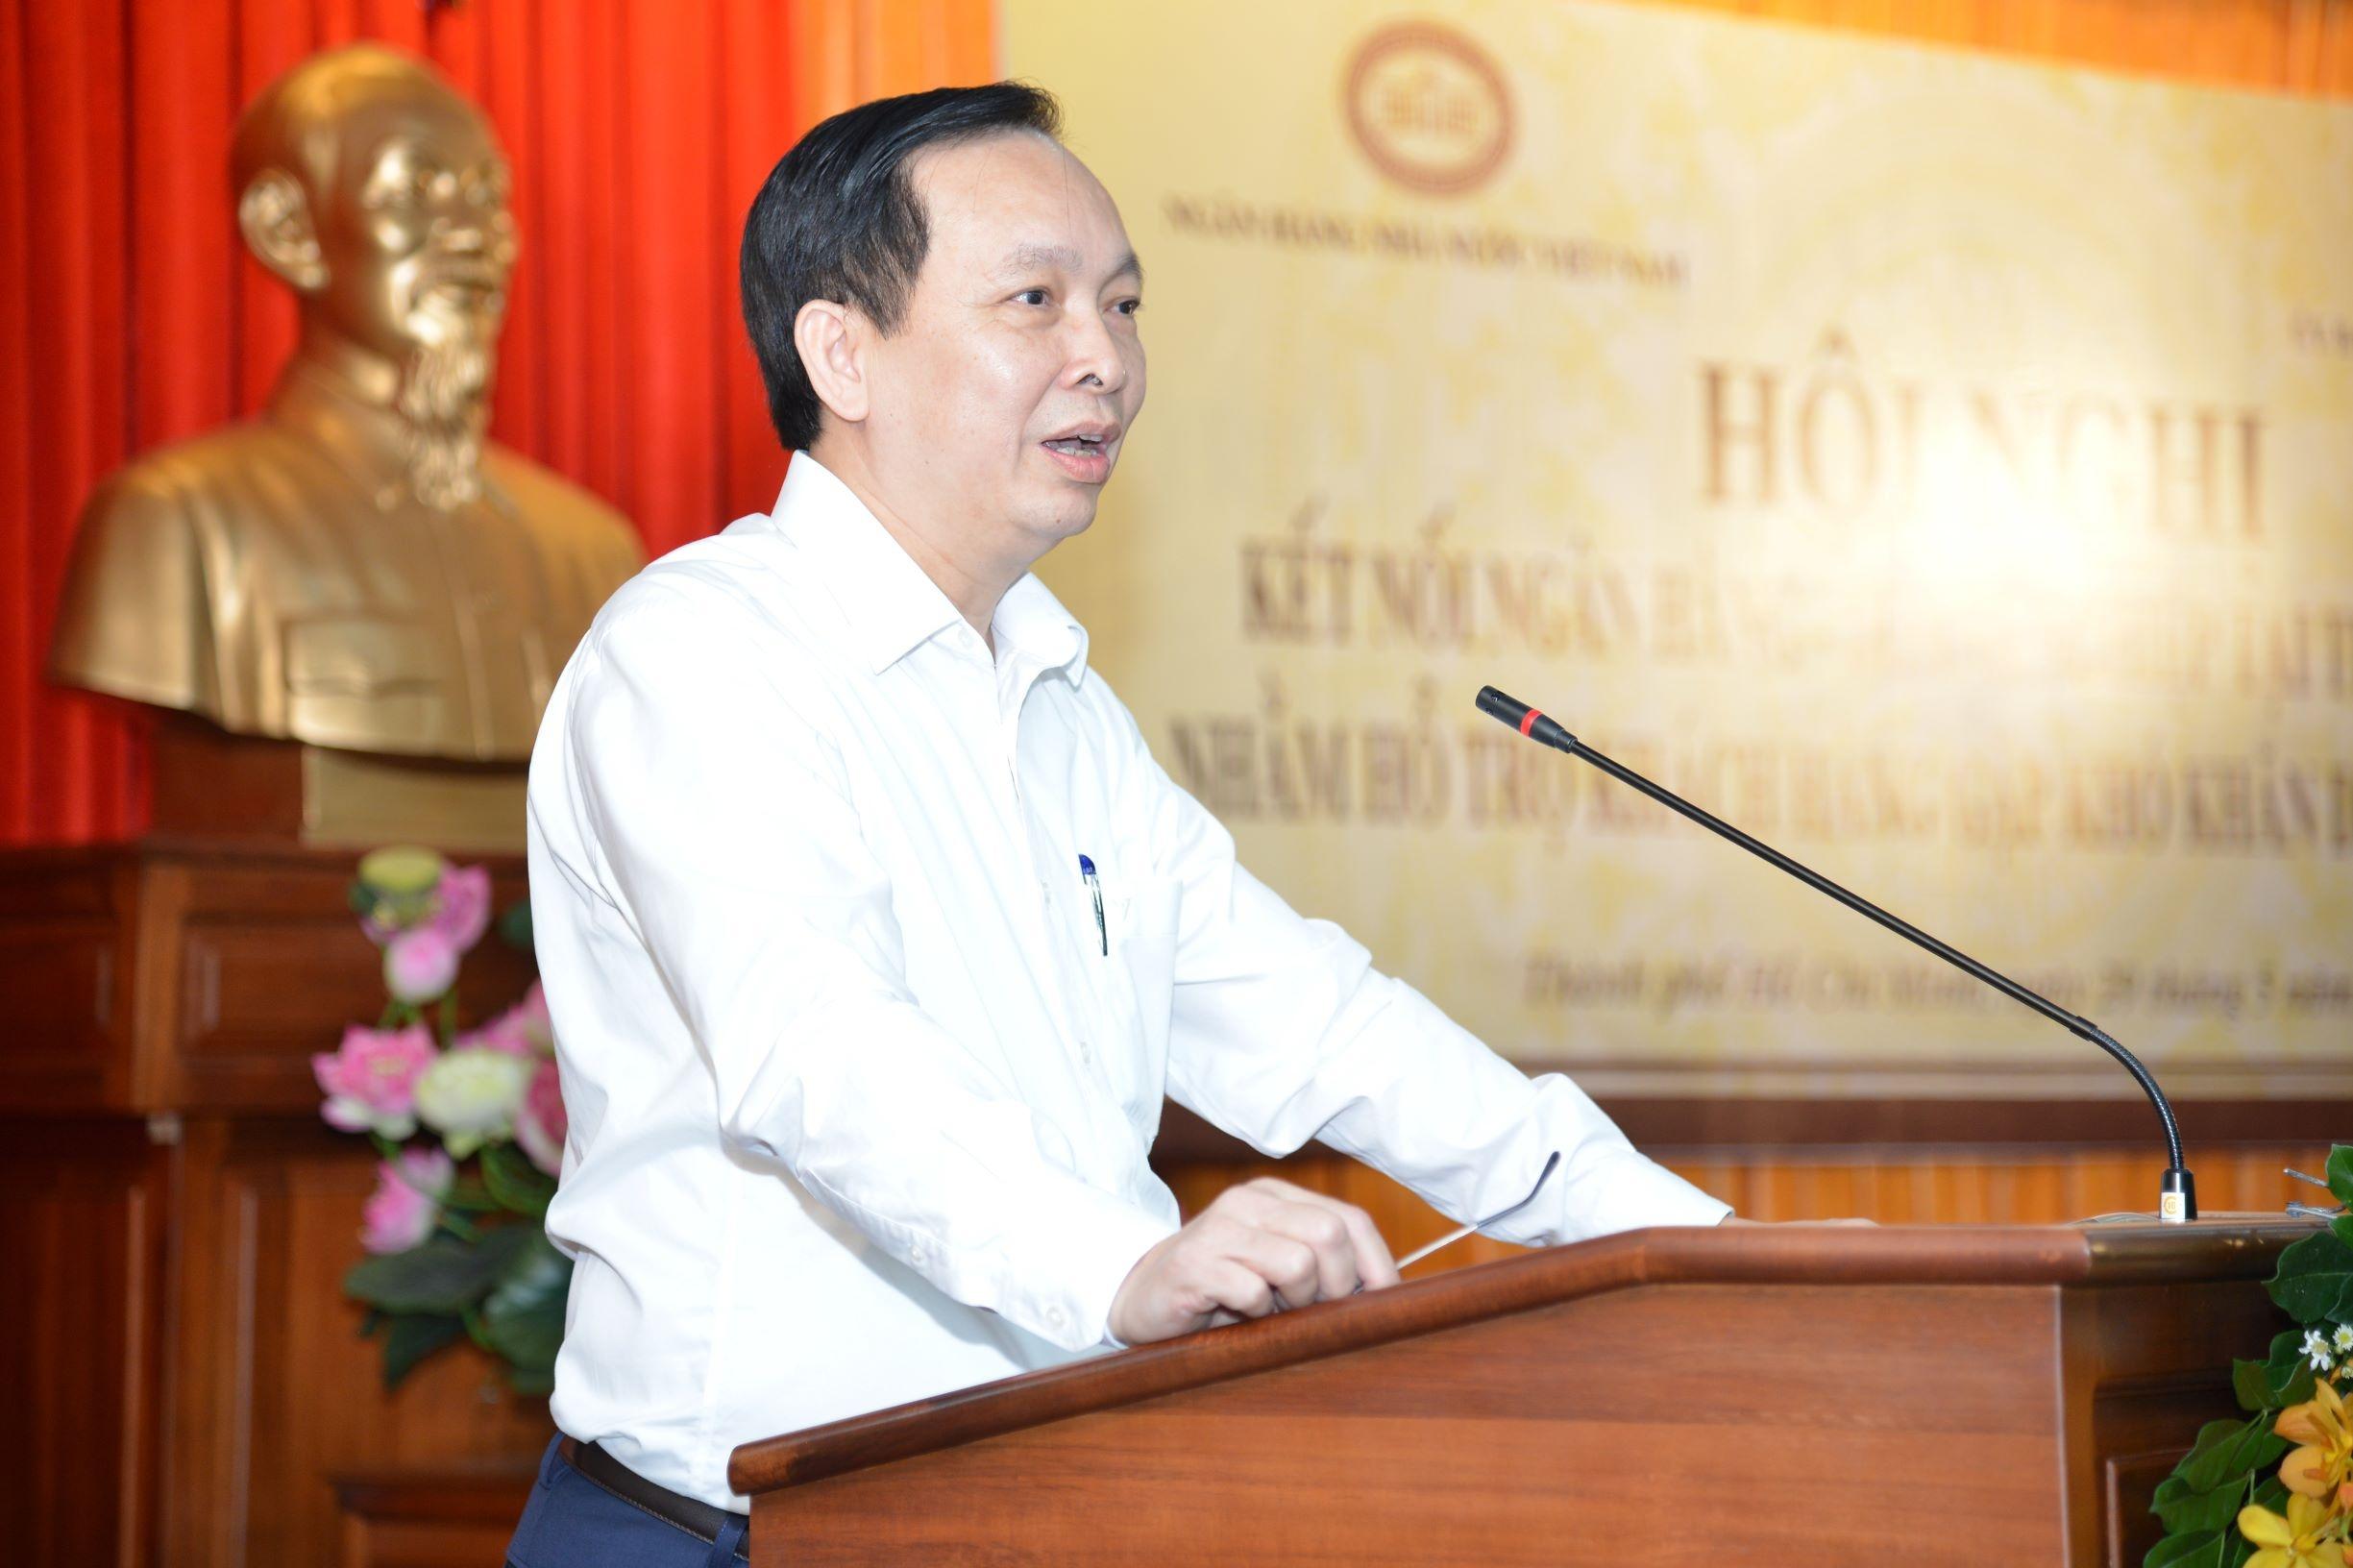 Phó Thống đốc Đào Minh Tú: Cần kết nối sâu vào từng hiệp hội doanh nghiệp